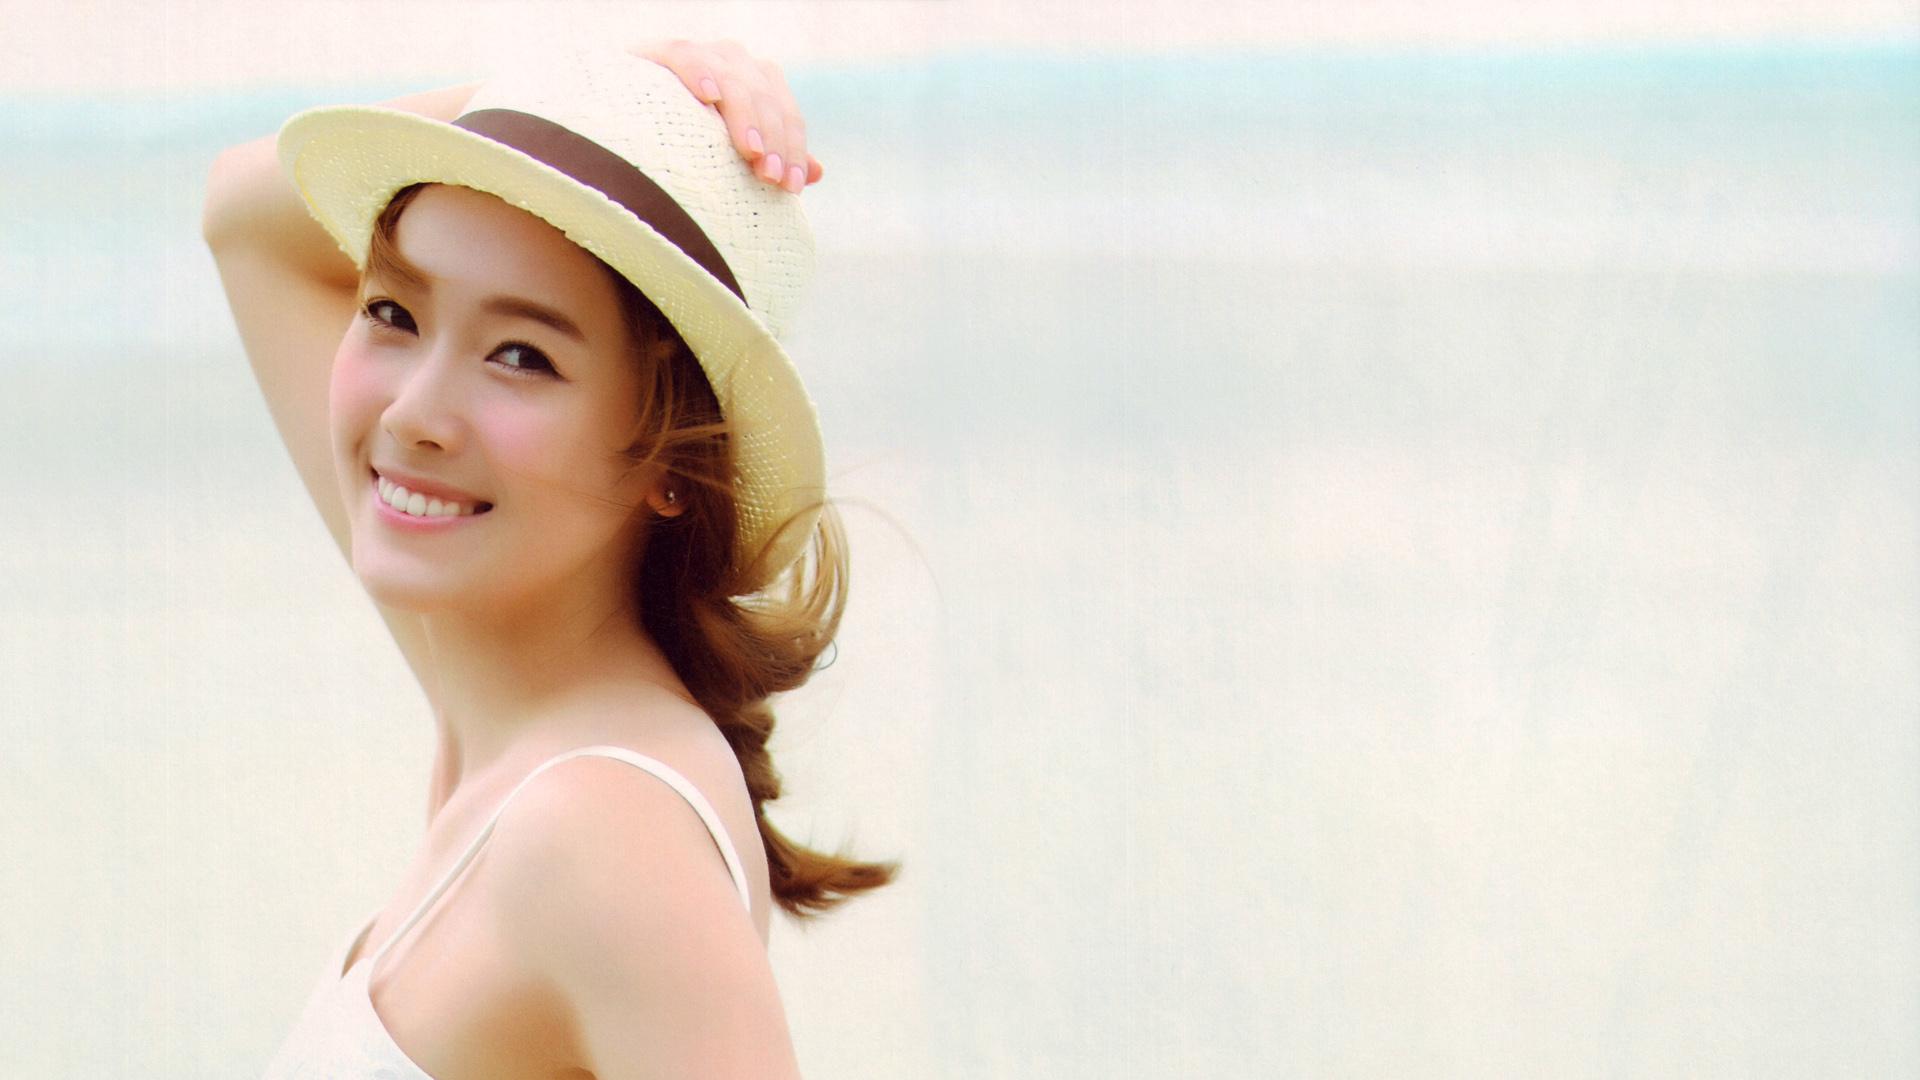 jessica jung hat wallpaper 55762